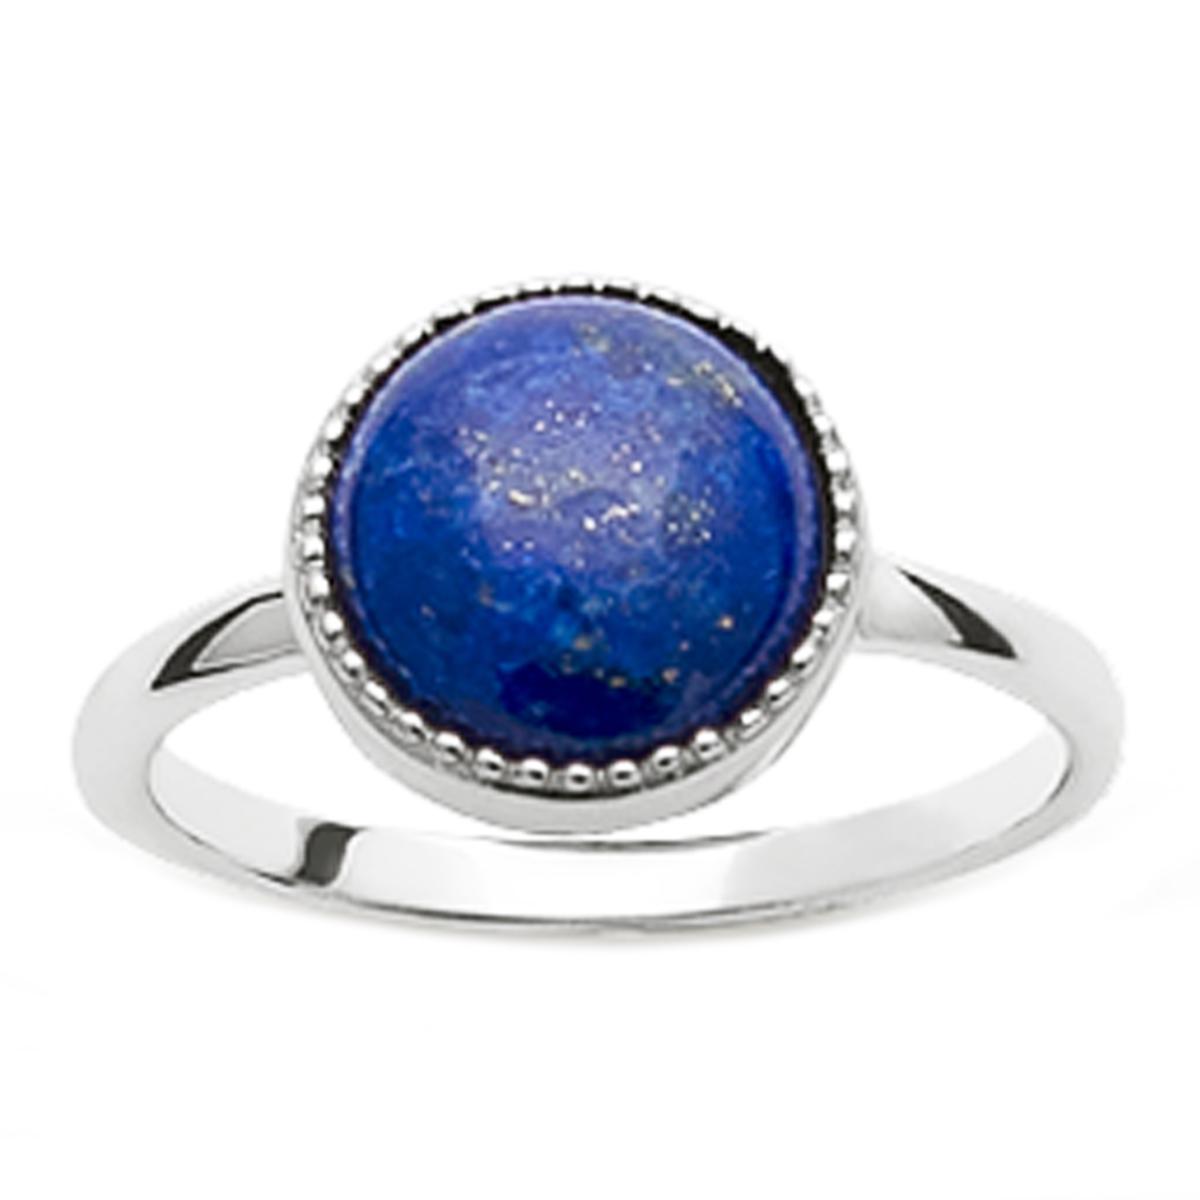 Bague Argent \'Cléopatra\' lapis lazuli argenté (rhodié) - 11 mm - [Q6674]